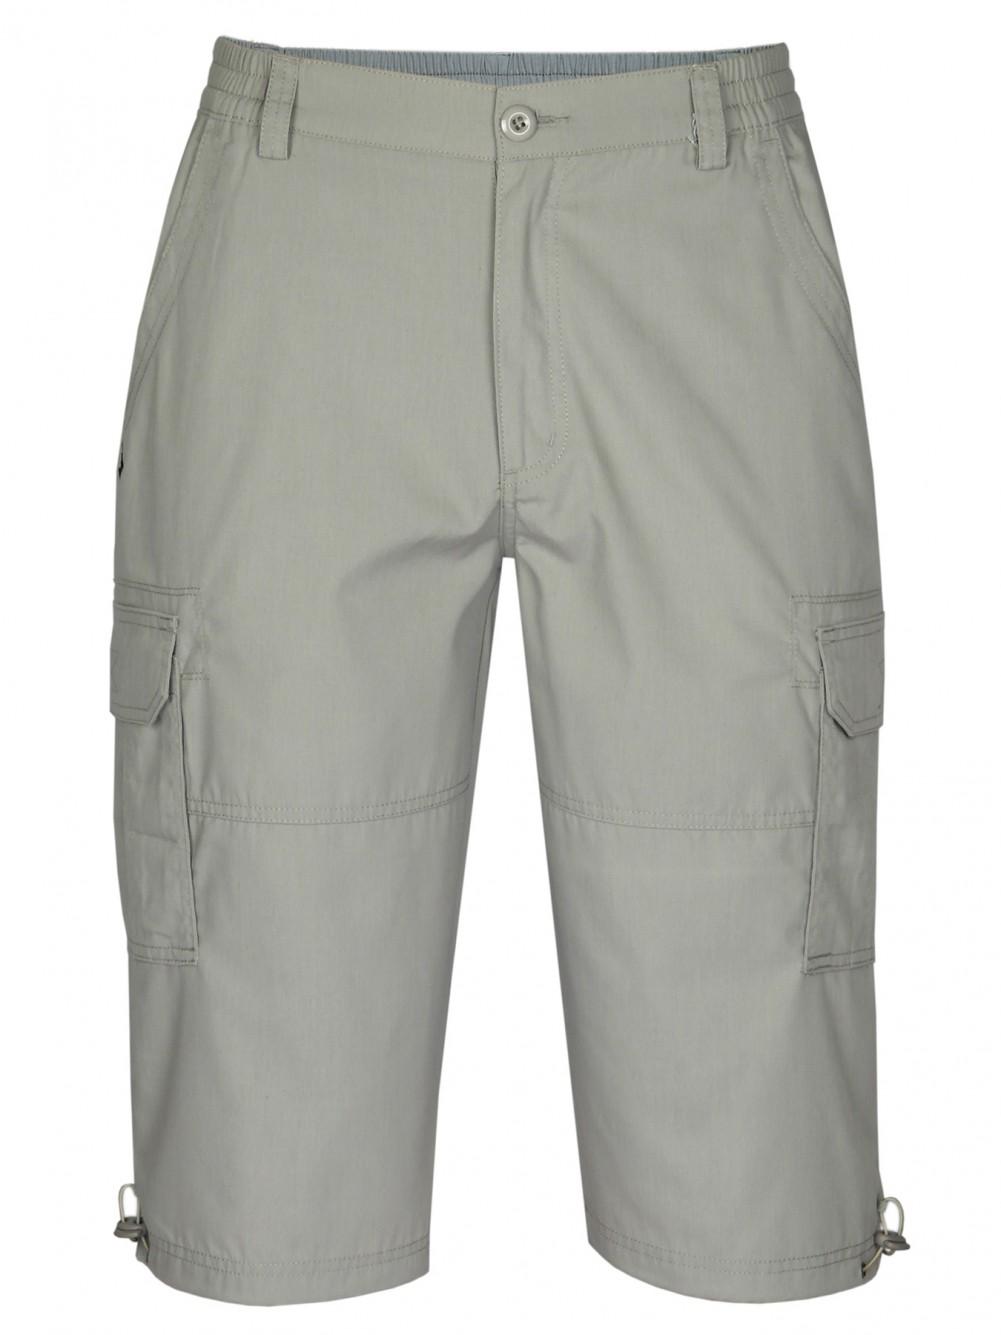 Cargo-Bermudas, Cargo Shorts, kurze Hose für Herren - Beige